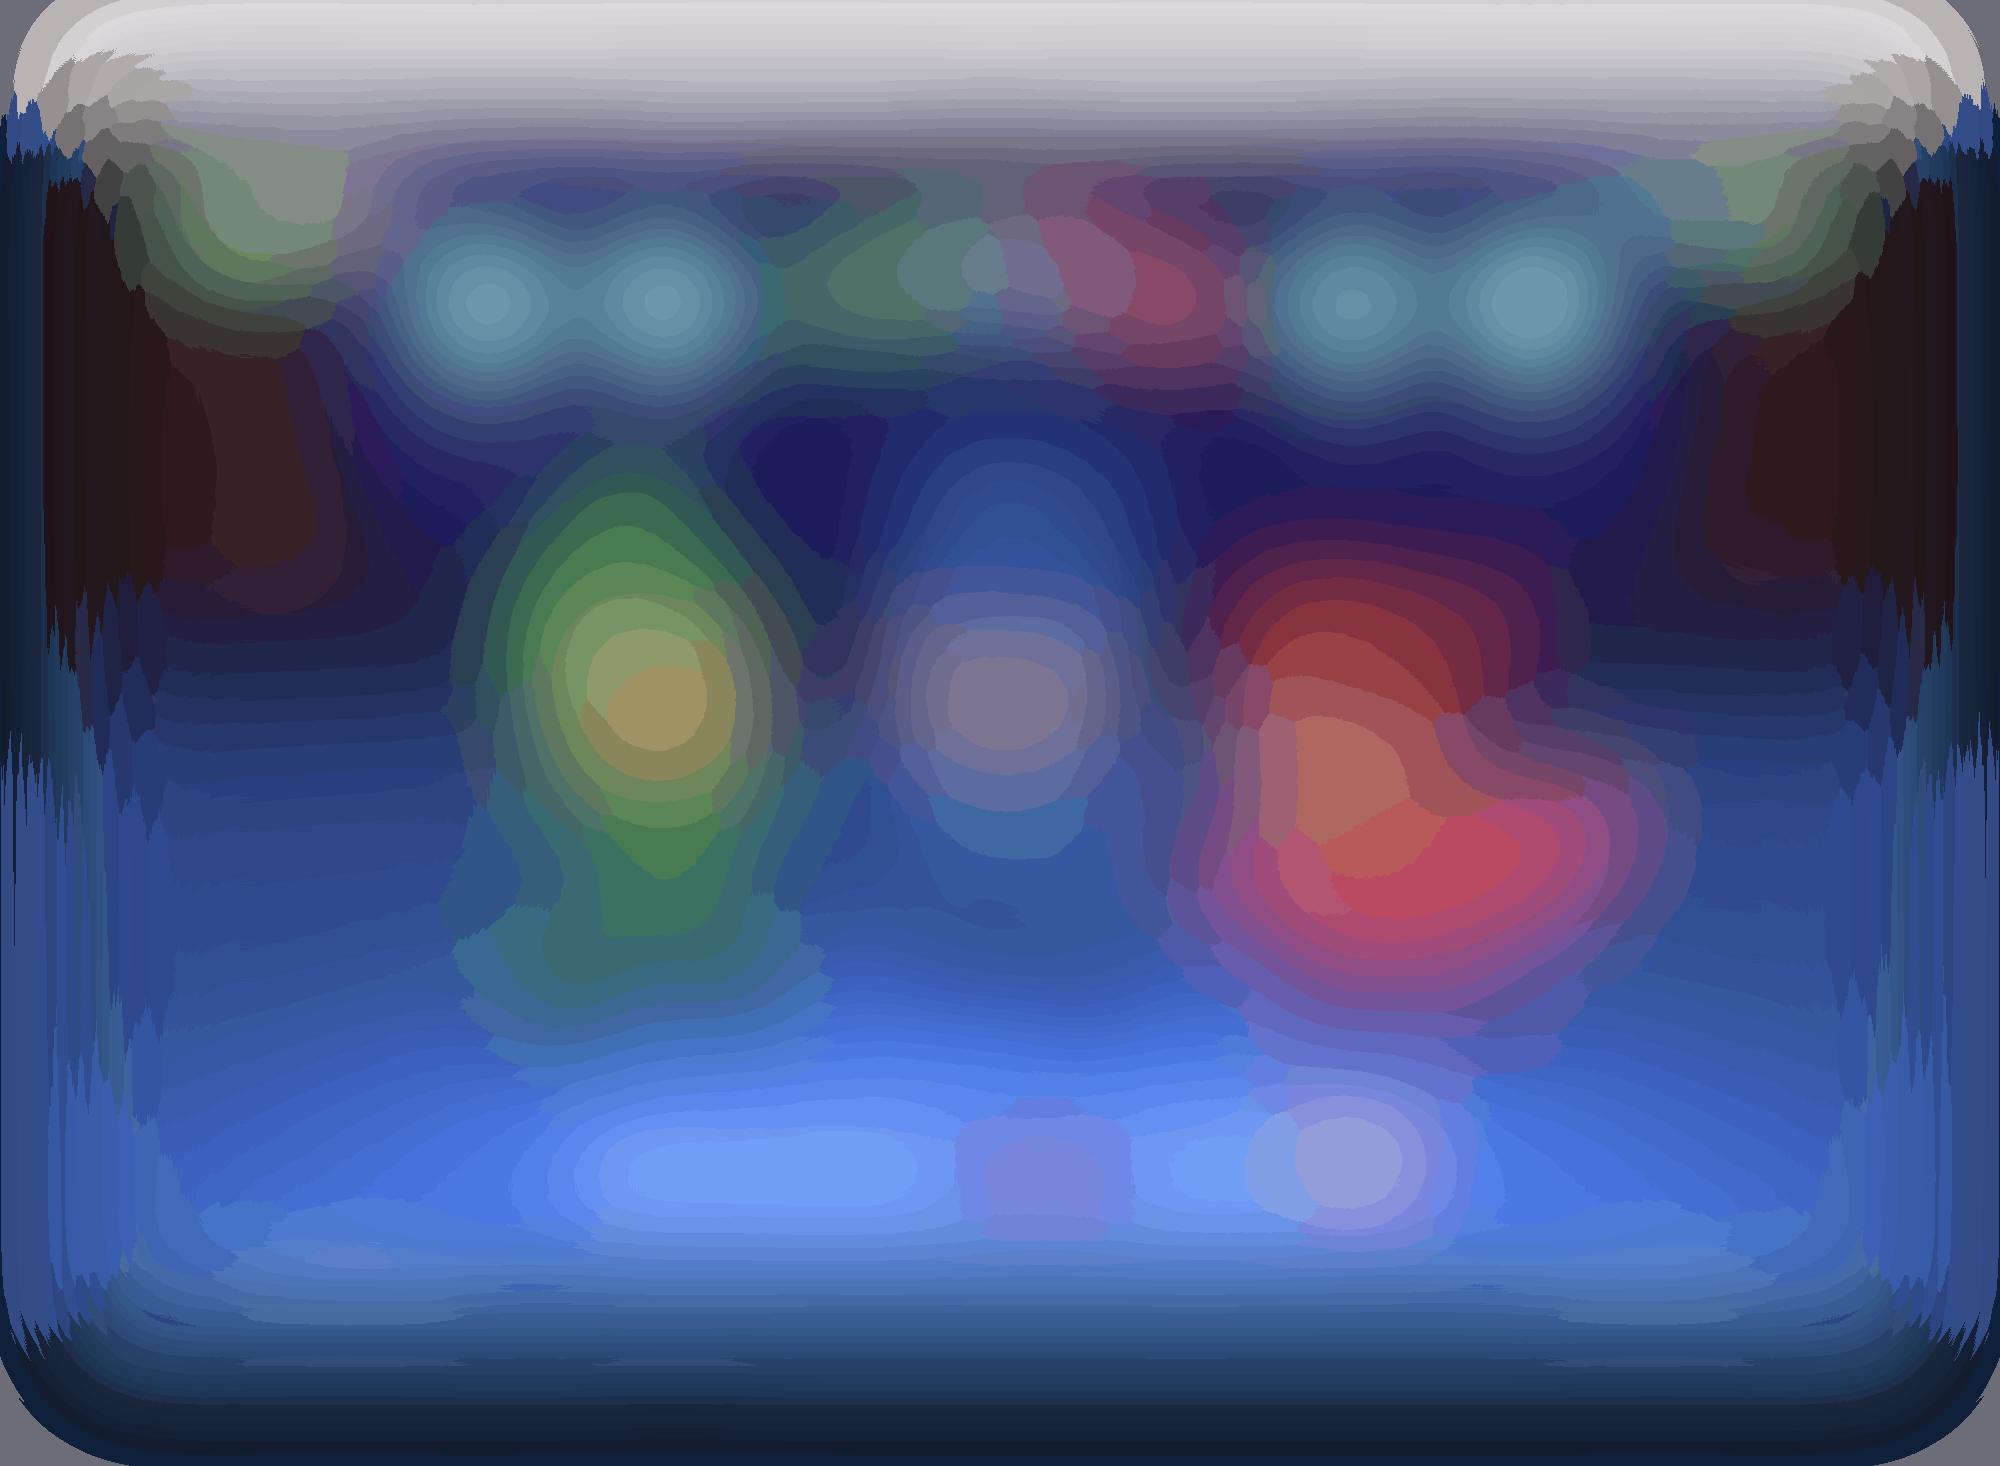 Screen Shot 2018 04 03 at 10 57 40 autocompressfitresizeixlibphp 1 1 0max h2000max w3 D2000q80s081c615a167132178d23c4acb76ed24d